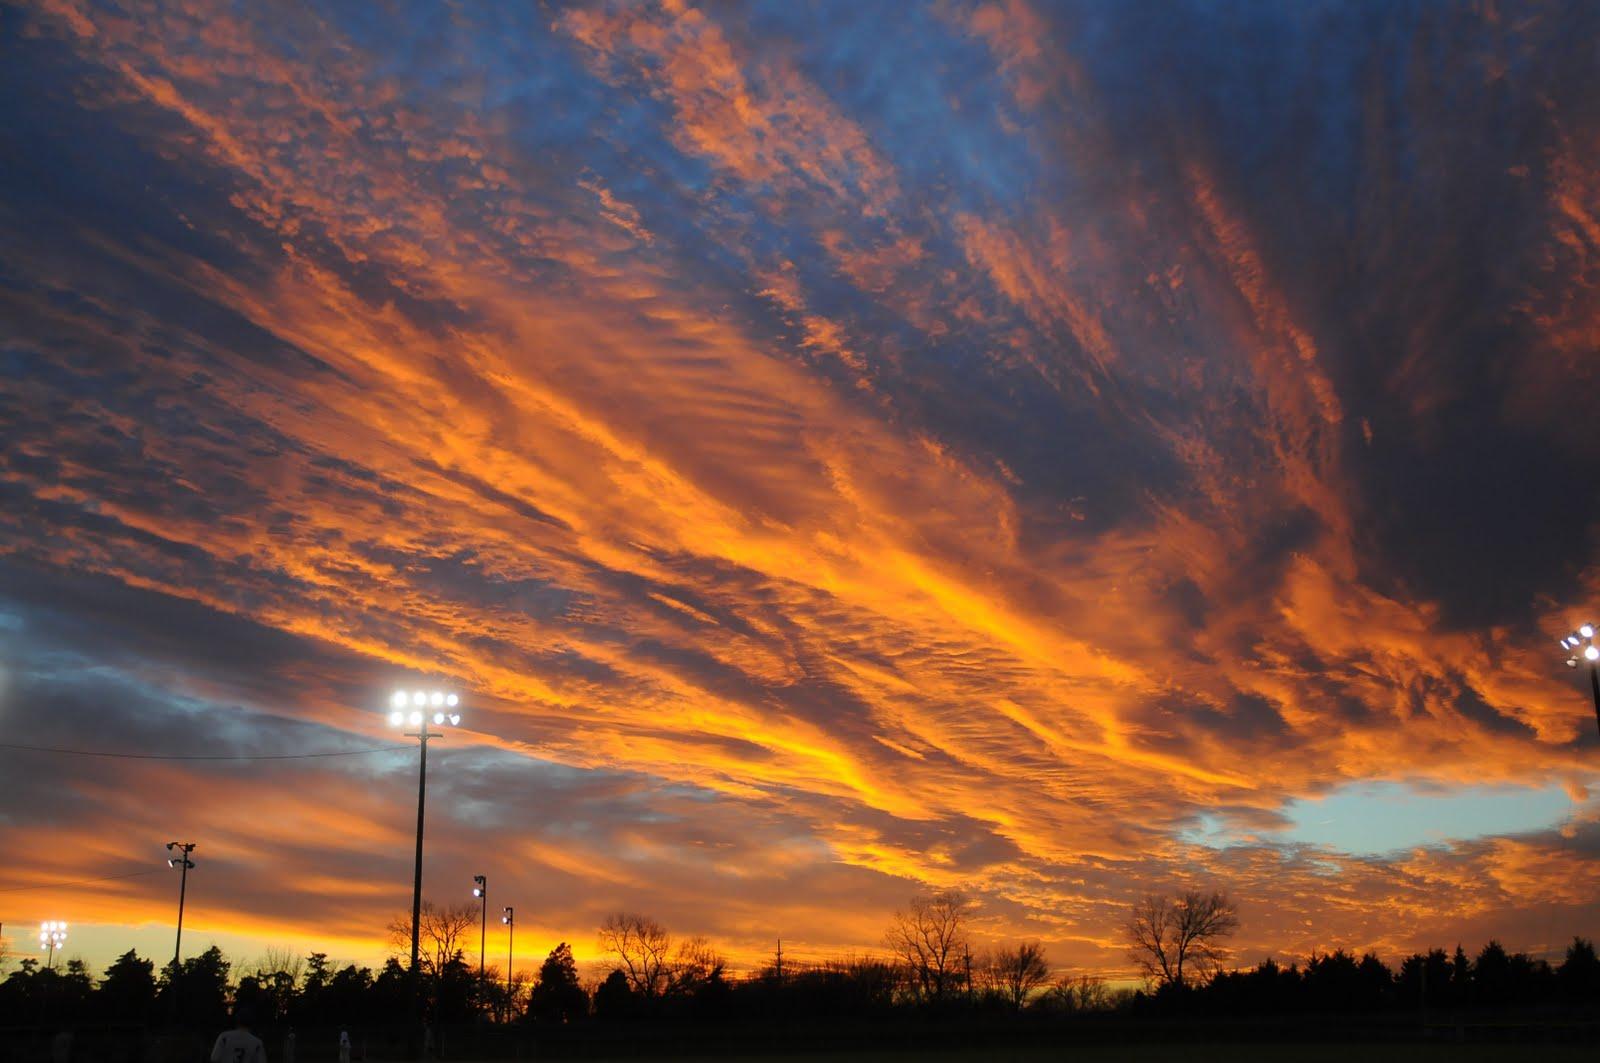 Jimbo's Journalist Jumble: Kansas sunsets